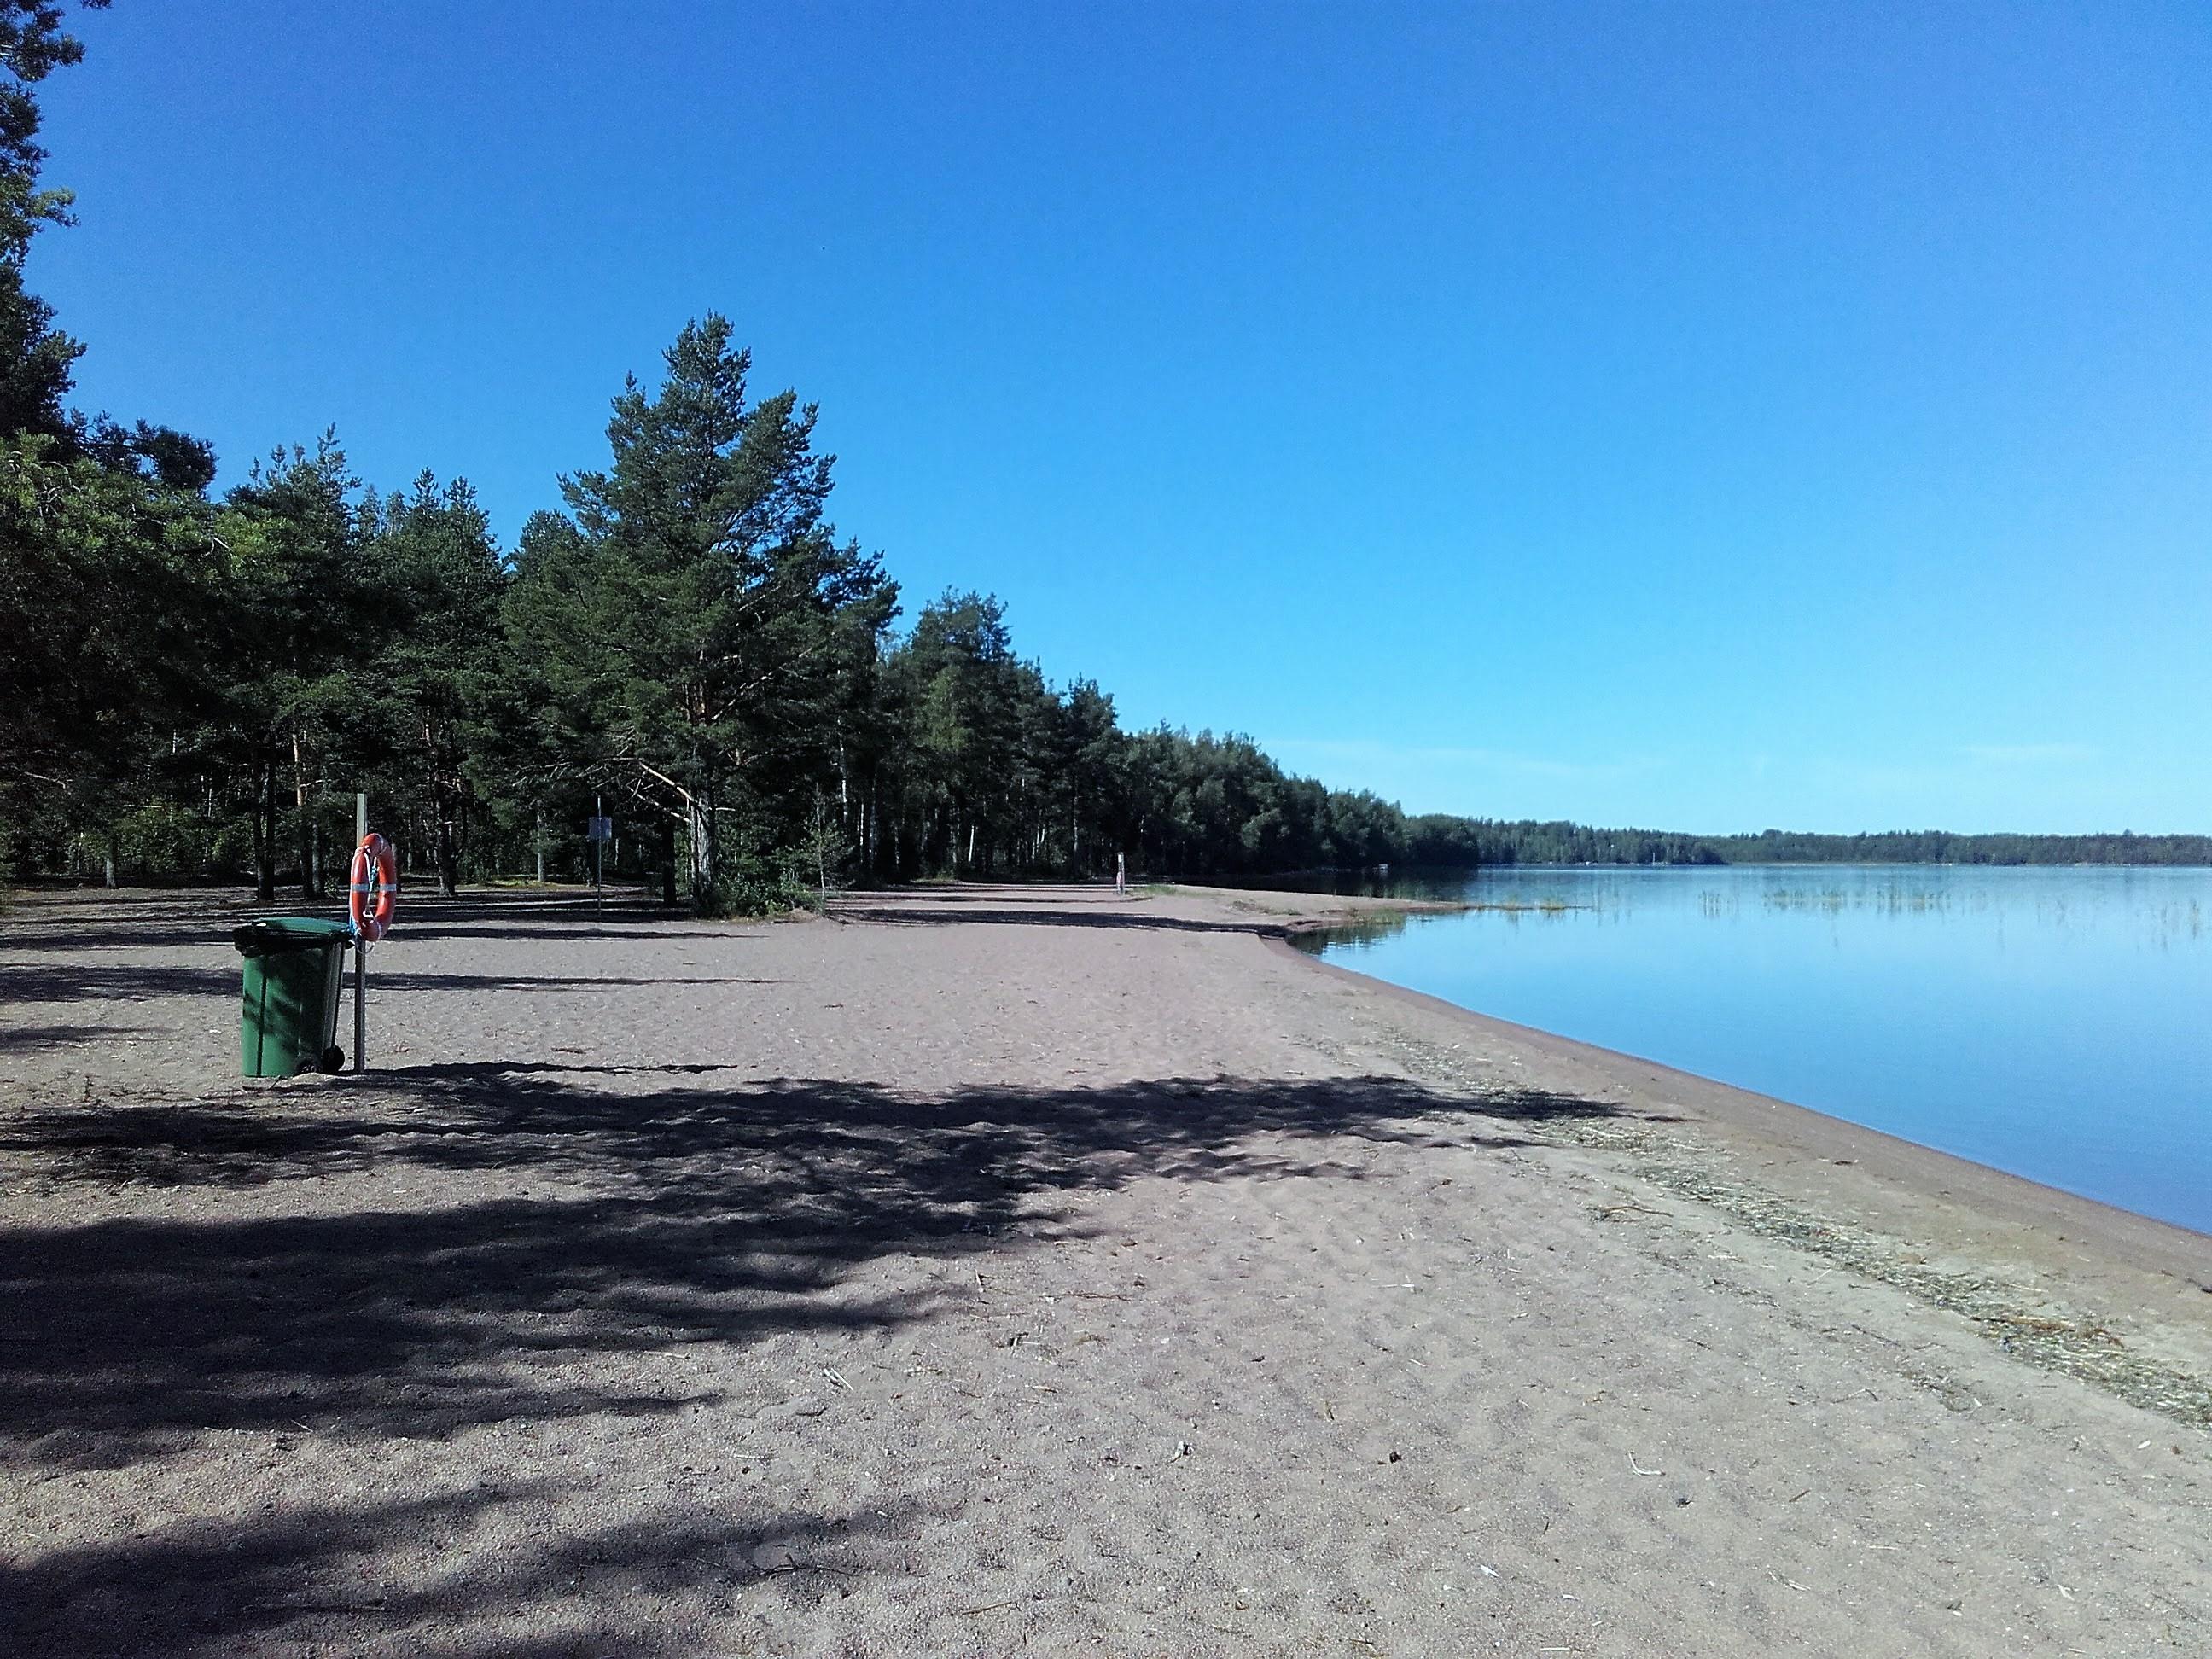 Särkkien uimaranta. Tasainen hiekkaranta. Hiekkarannalla vihreä roskakori ja telineessä pelastusrengas